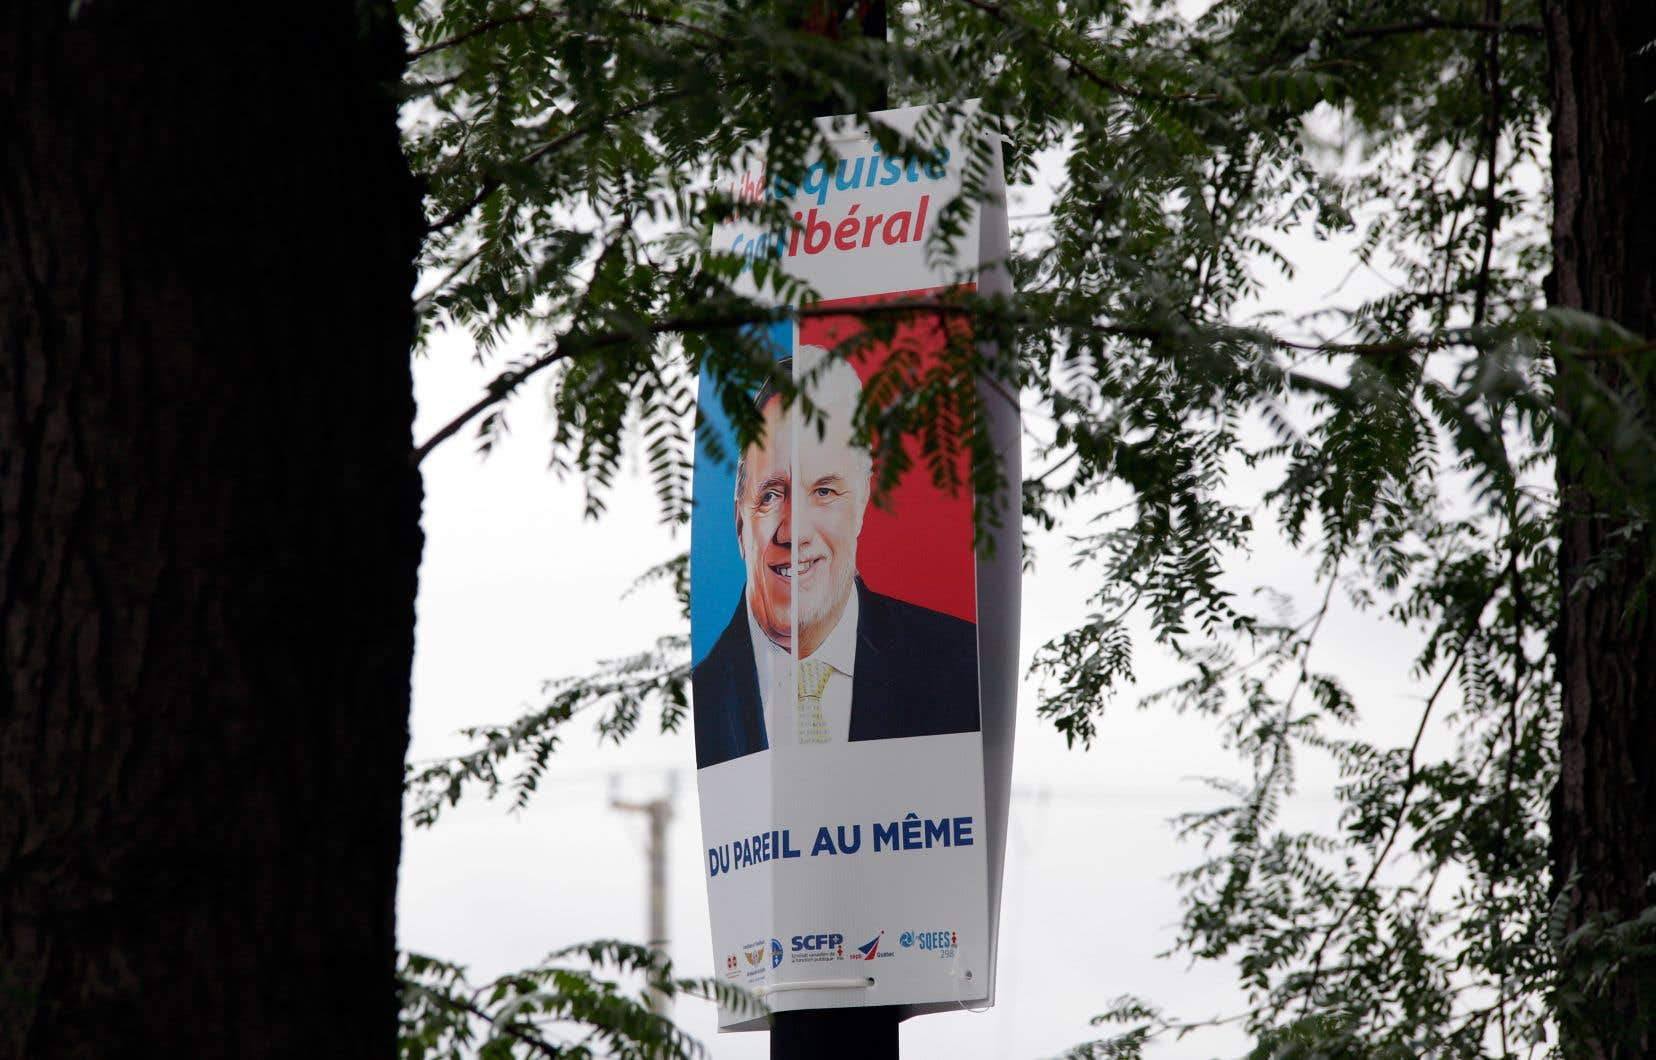 Les pancartes ont également été installées à Montréal, dans la circonscription de Laurier-Dorion, lundi soir.